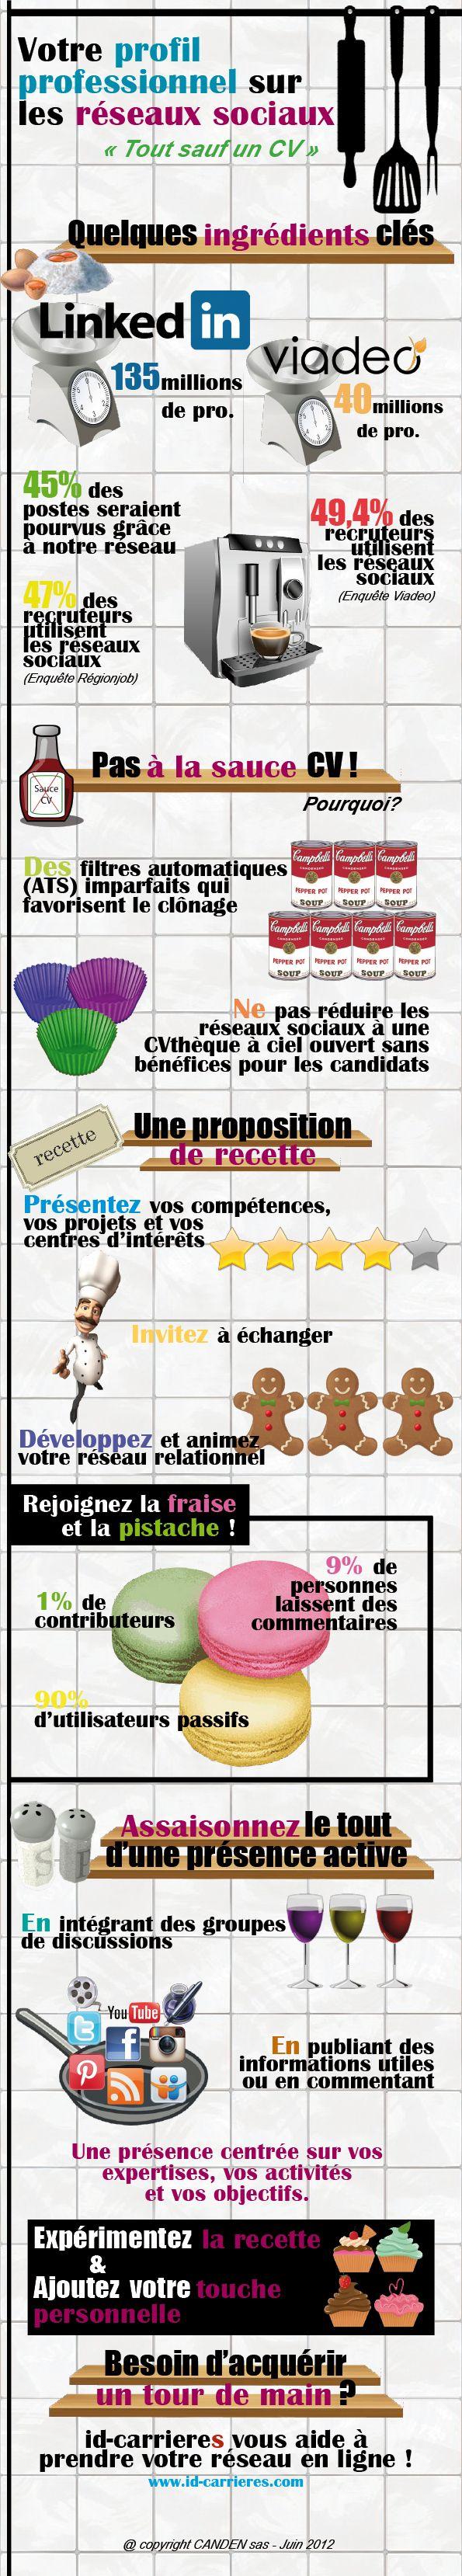 Canden_infographie2_Profil Reseaux Sociaux